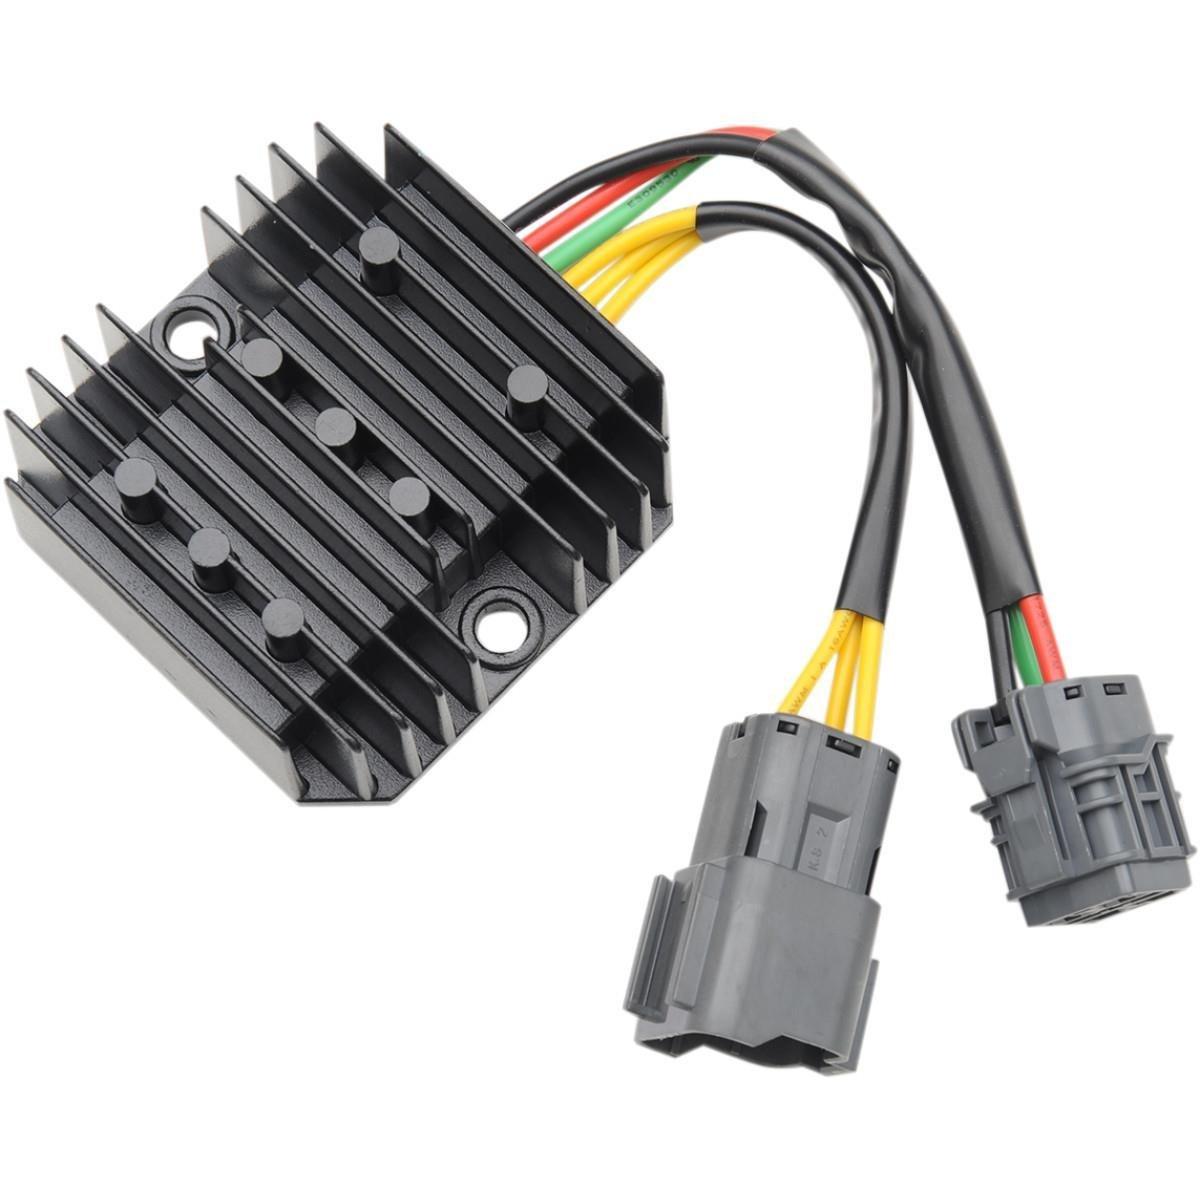 Ricks Motorsport Electric Rectifier/Regulator 10-670